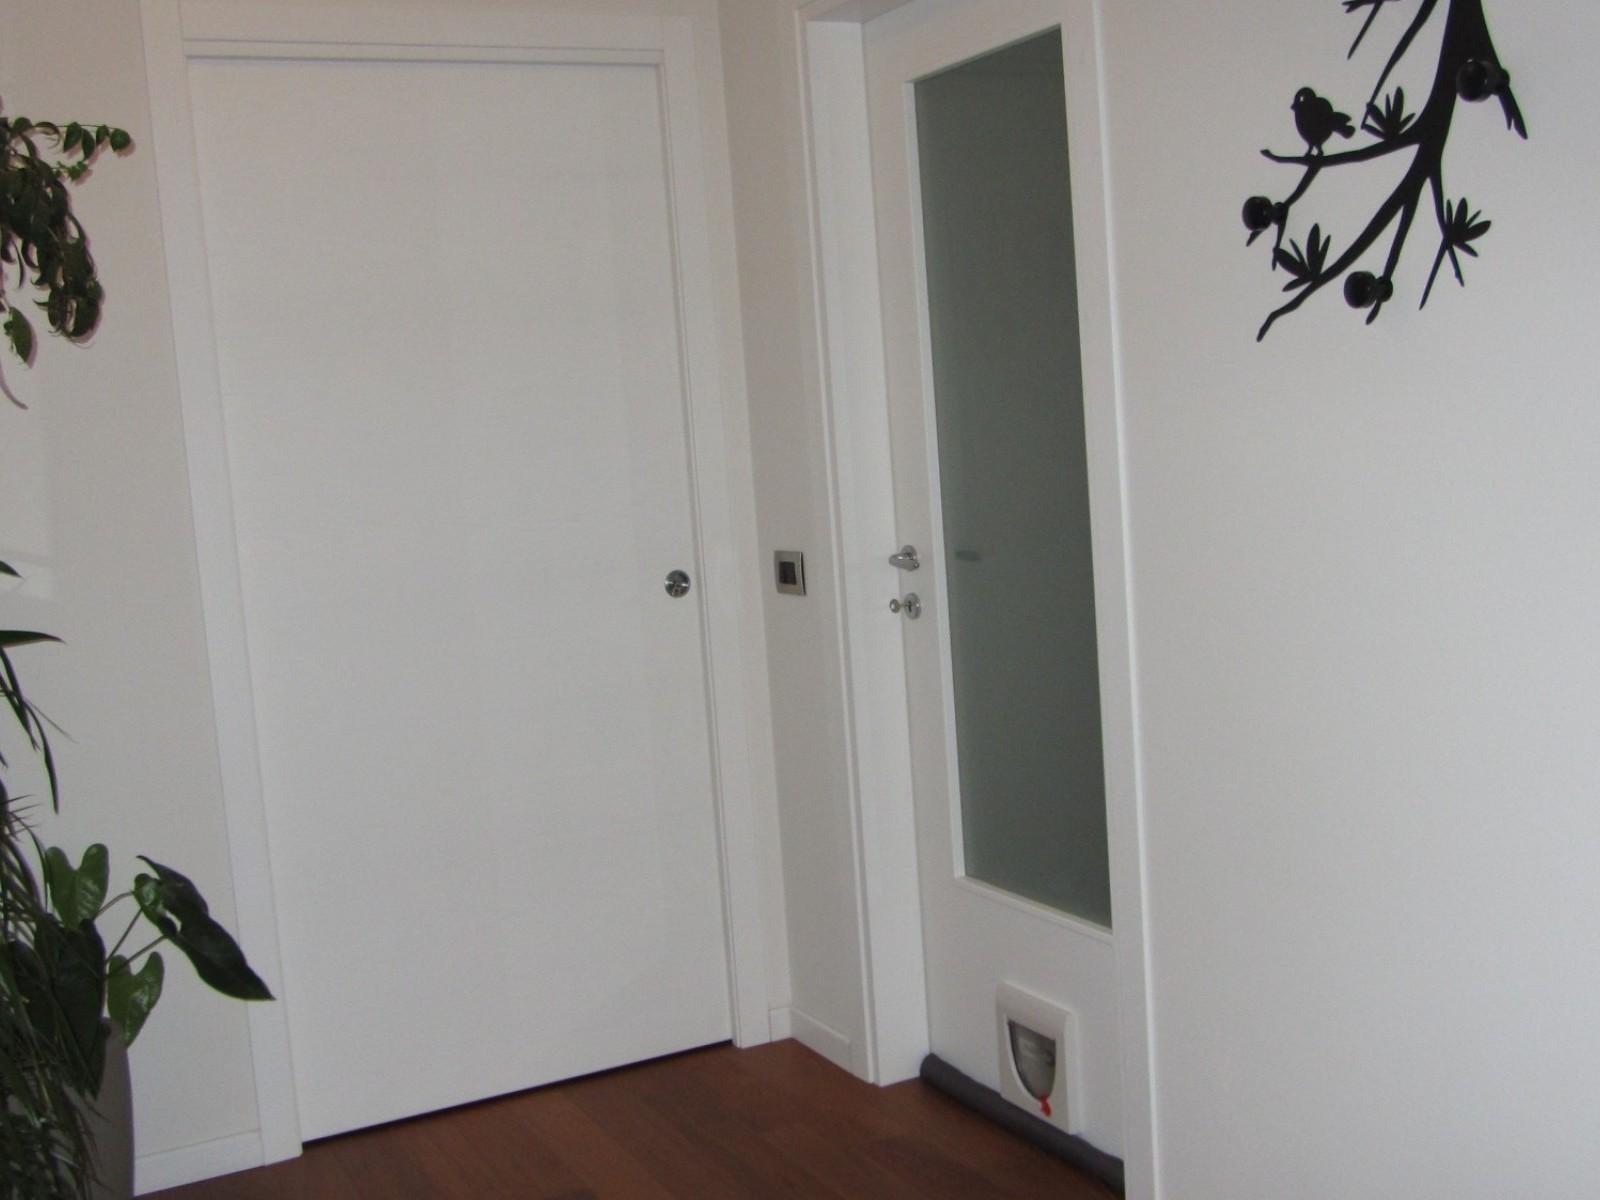 Porta scorrevole legno e vetro oo08 regardsdefemmes for Porta scorrevole esterna ikea